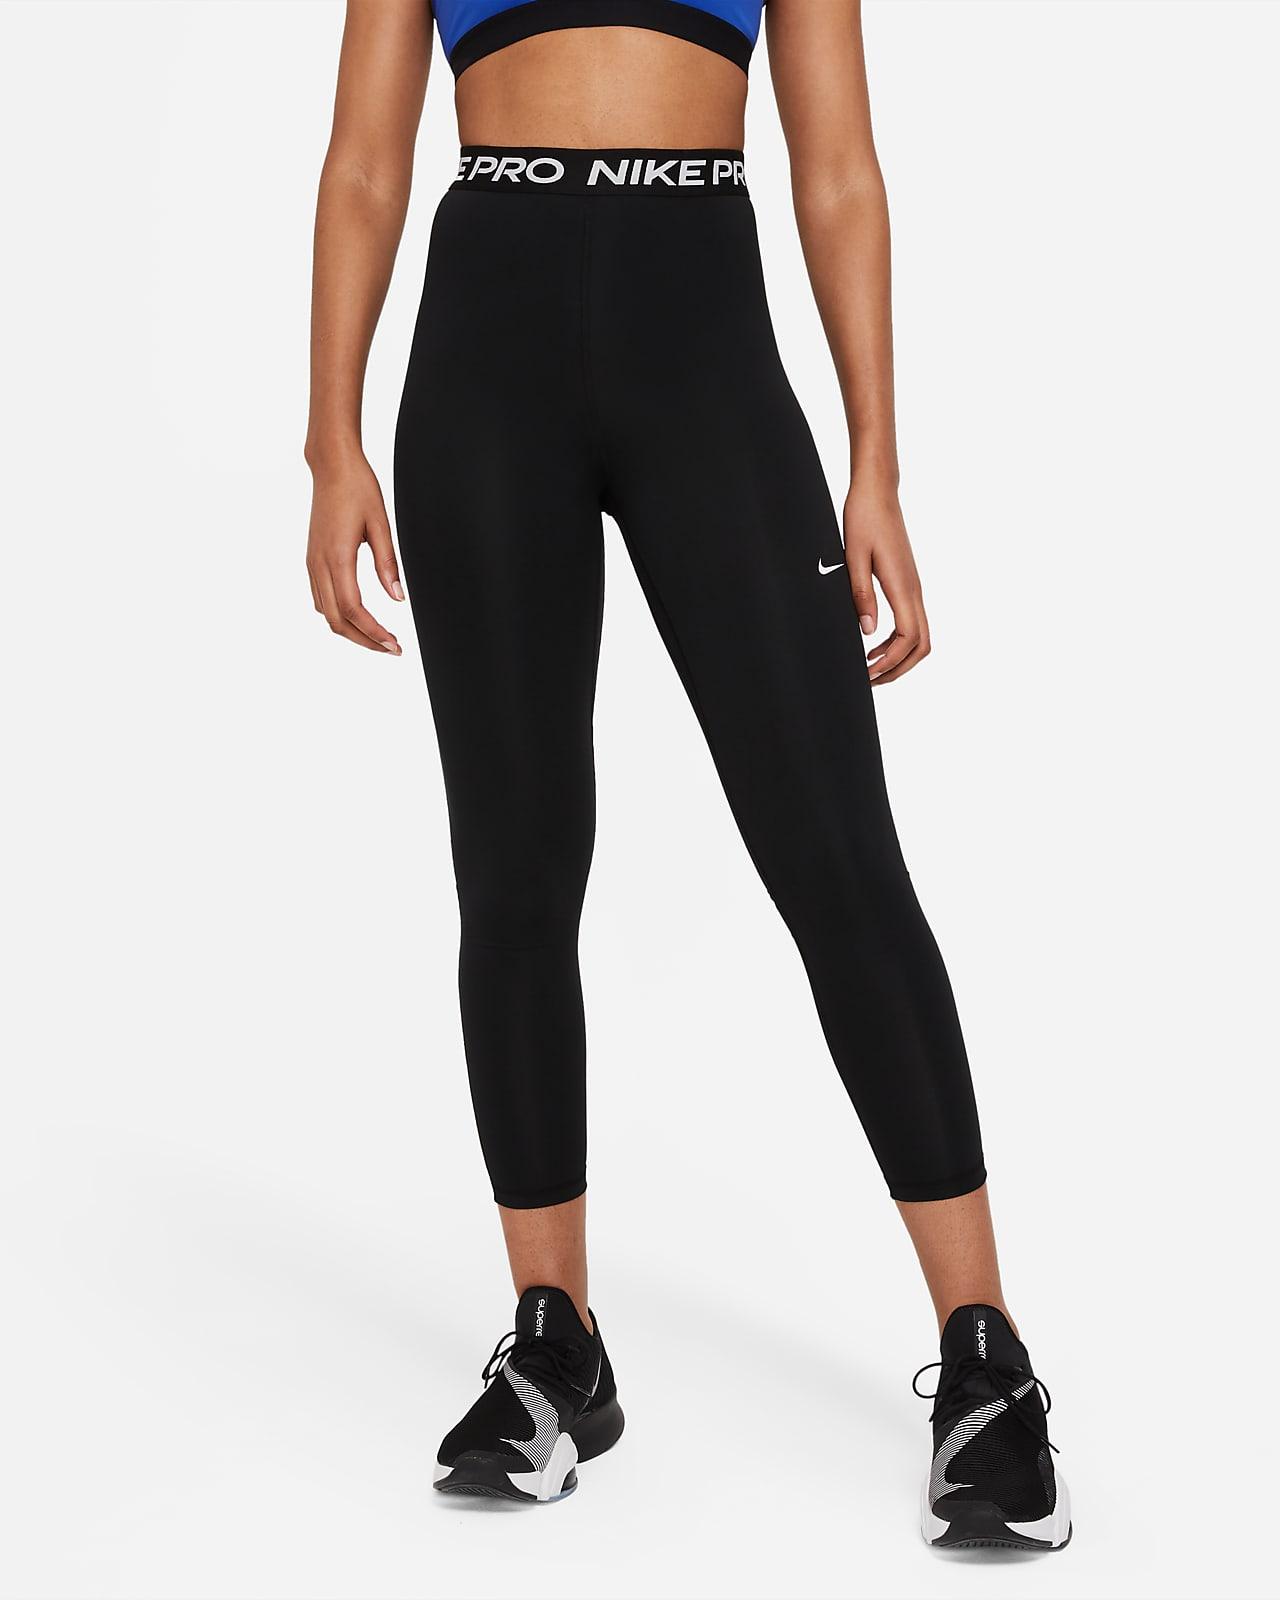 เลกกิ้งเอวสูงผู้หญิง 7/8 ส่วน Nike Pro 365